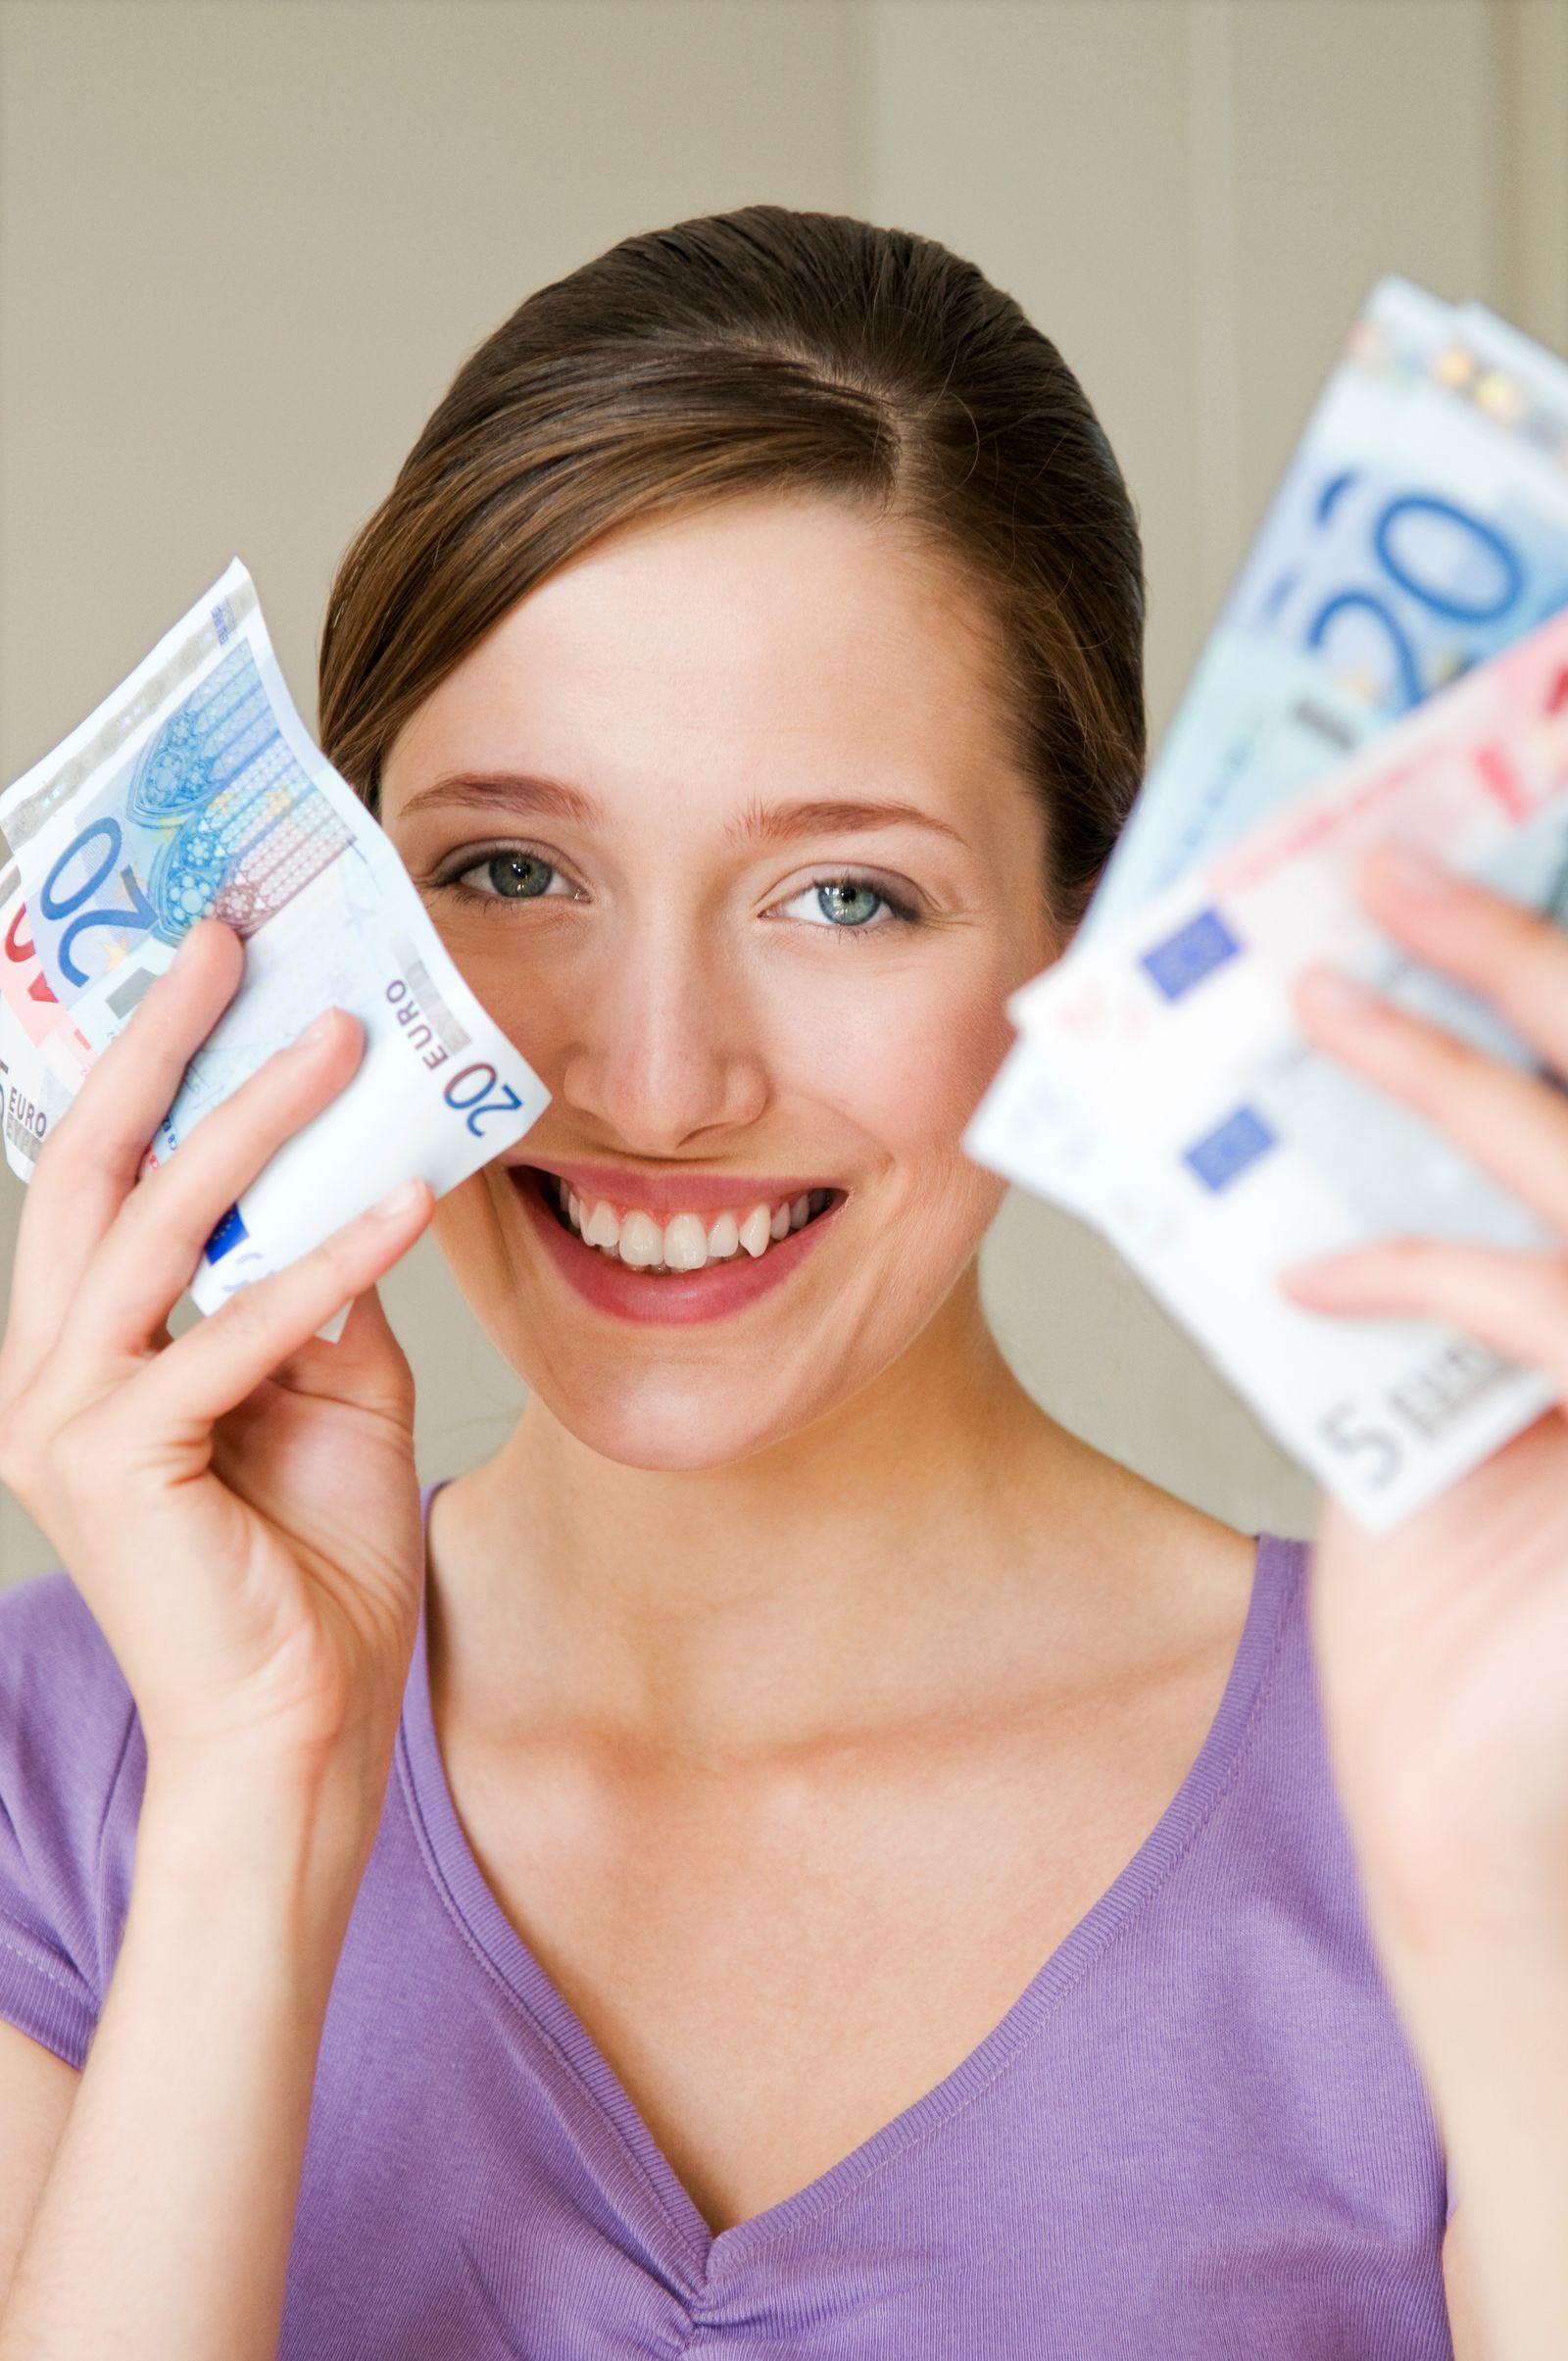 NICHT MEHR VERWENDEN! - Geld / Euro / Euro-Scheine / Faru / Sparen